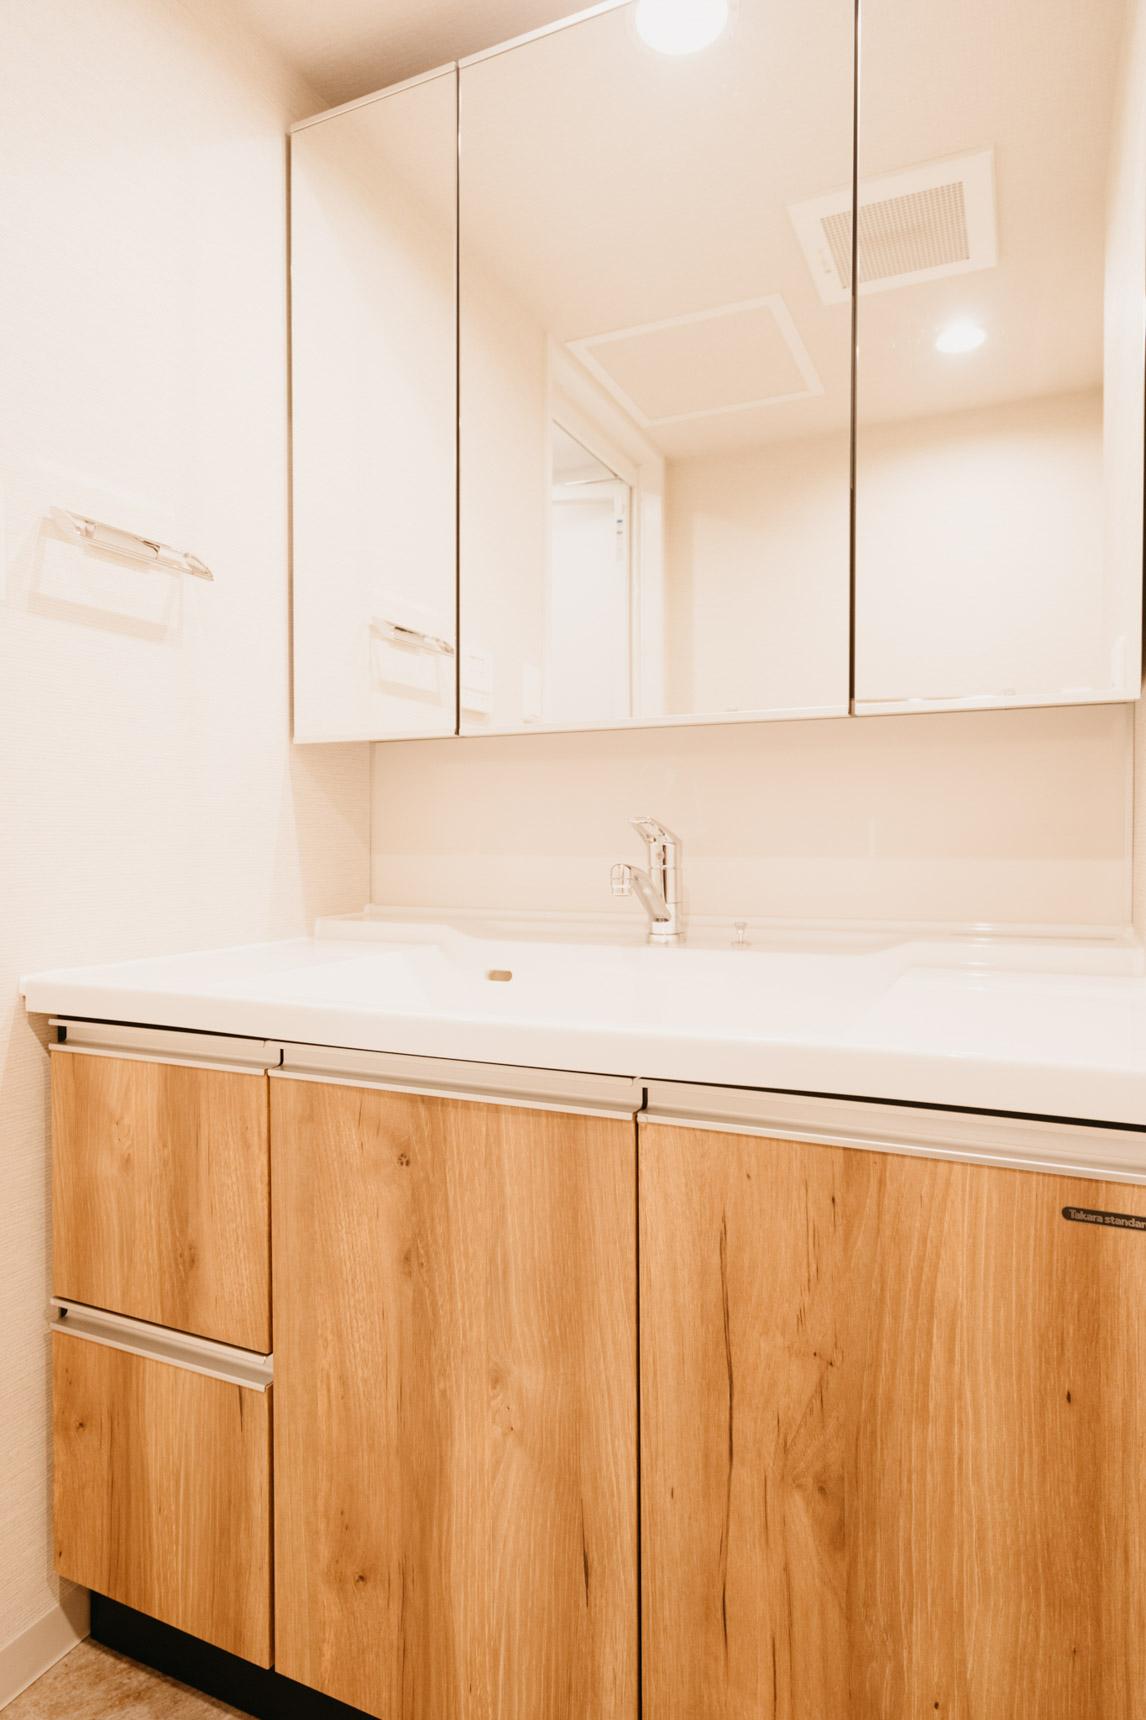 洗面台も、おしゃれなだけでなく、大きくて使いやすそうなものになっていました。これは嬉しい。